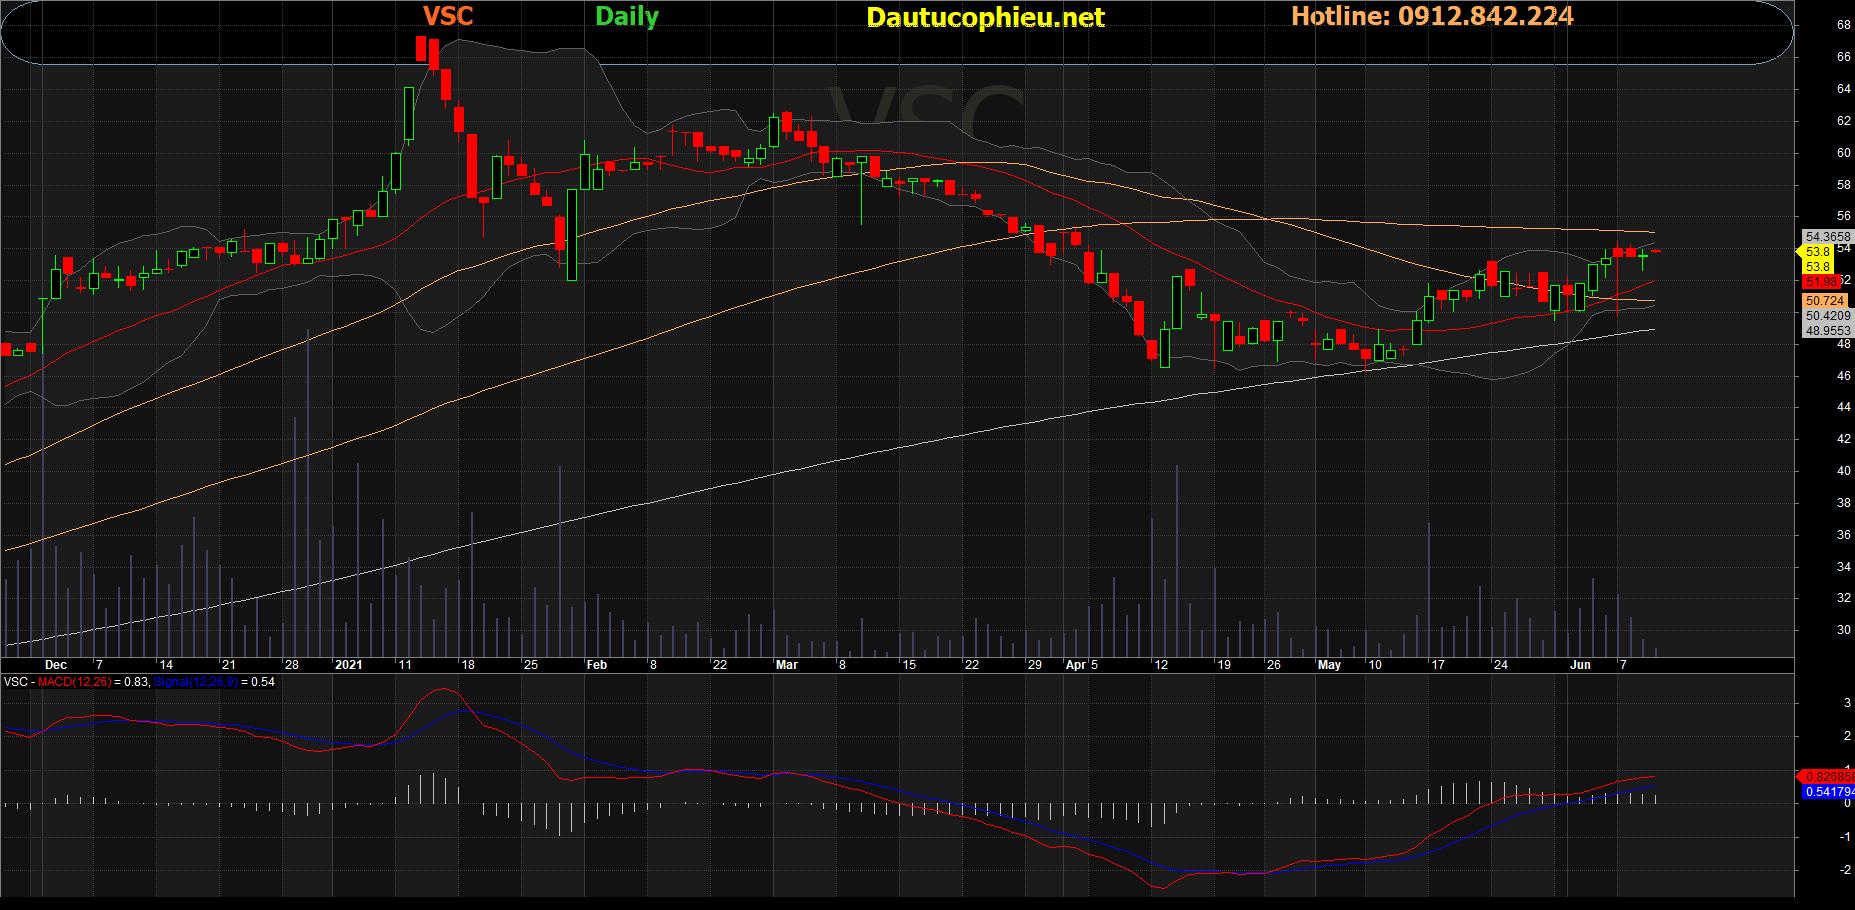 Cổ phiếu VSC